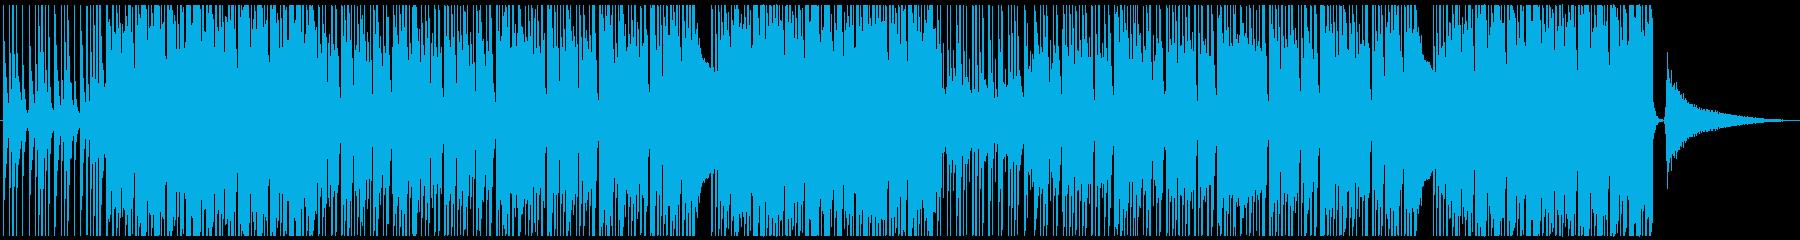 リズムが心地よいピースフルBGMの再生済みの波形